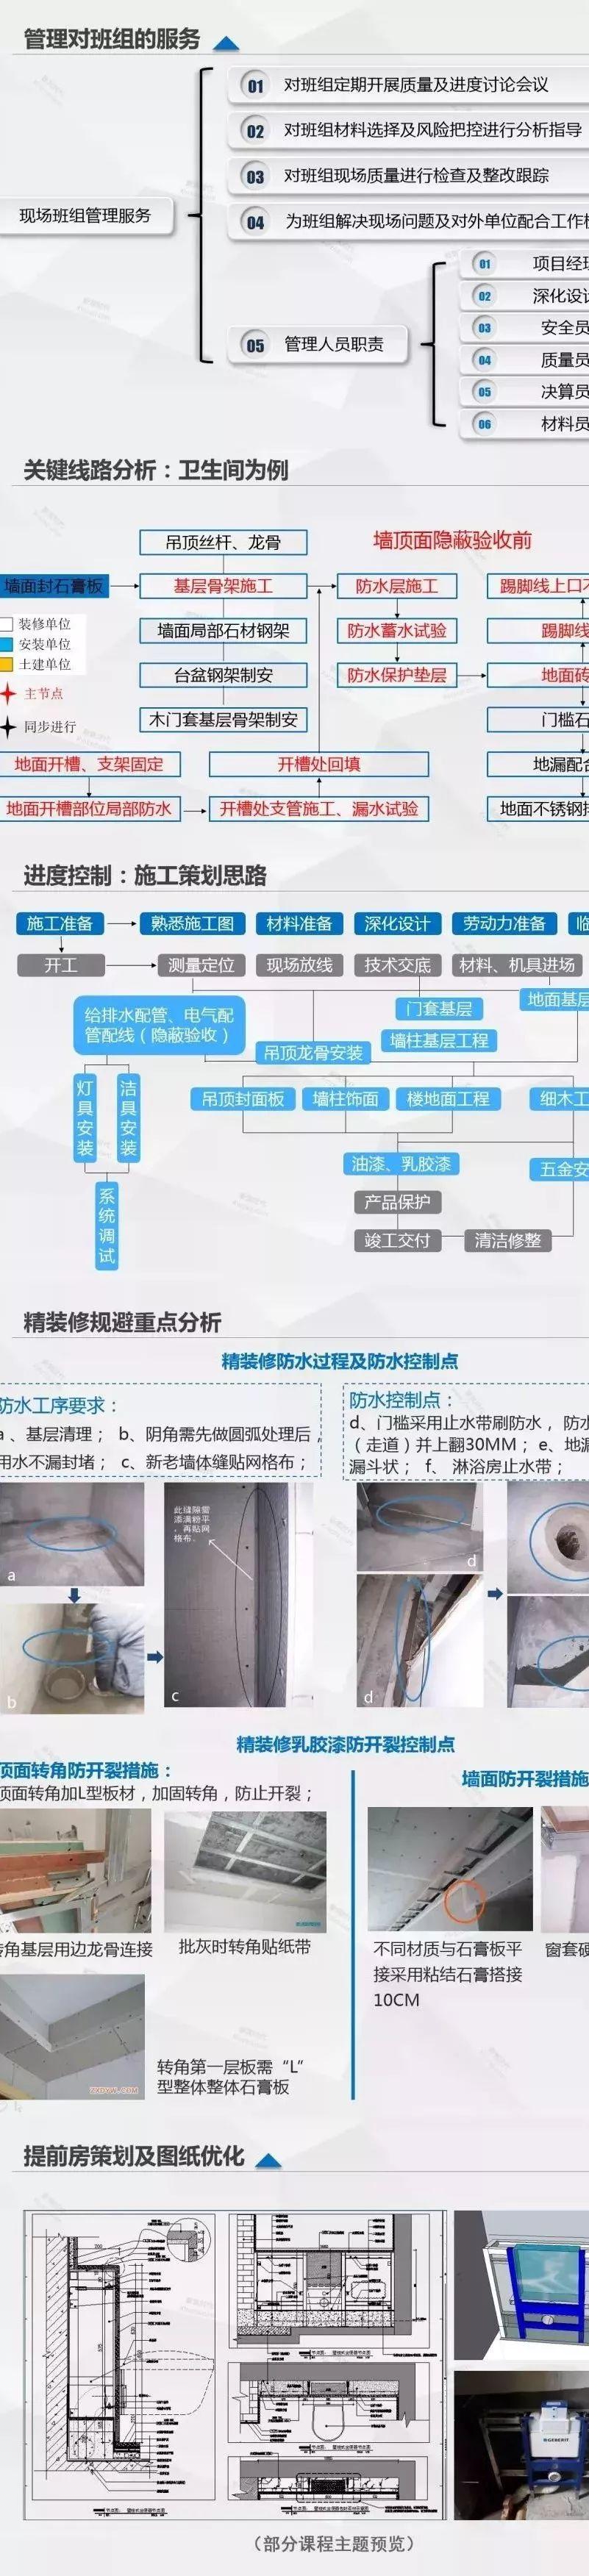 住宅精装修质量控制之防水工程的注意要点_14